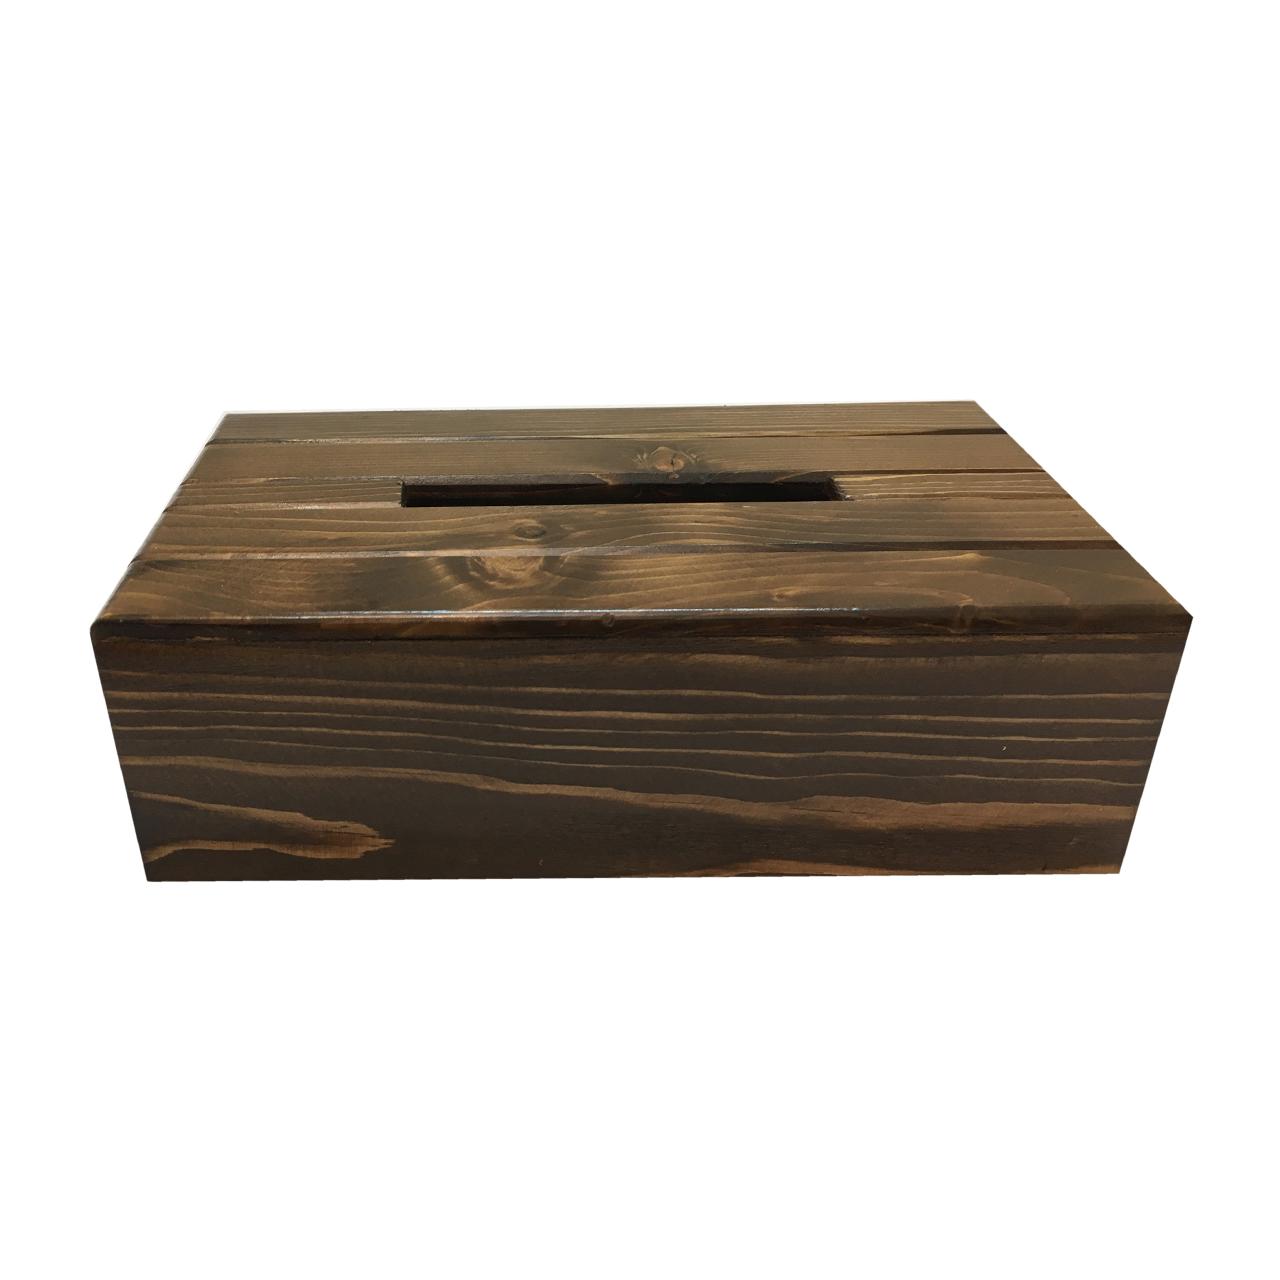 عکس جعبه دستمال کاغذی مدل نگارمن